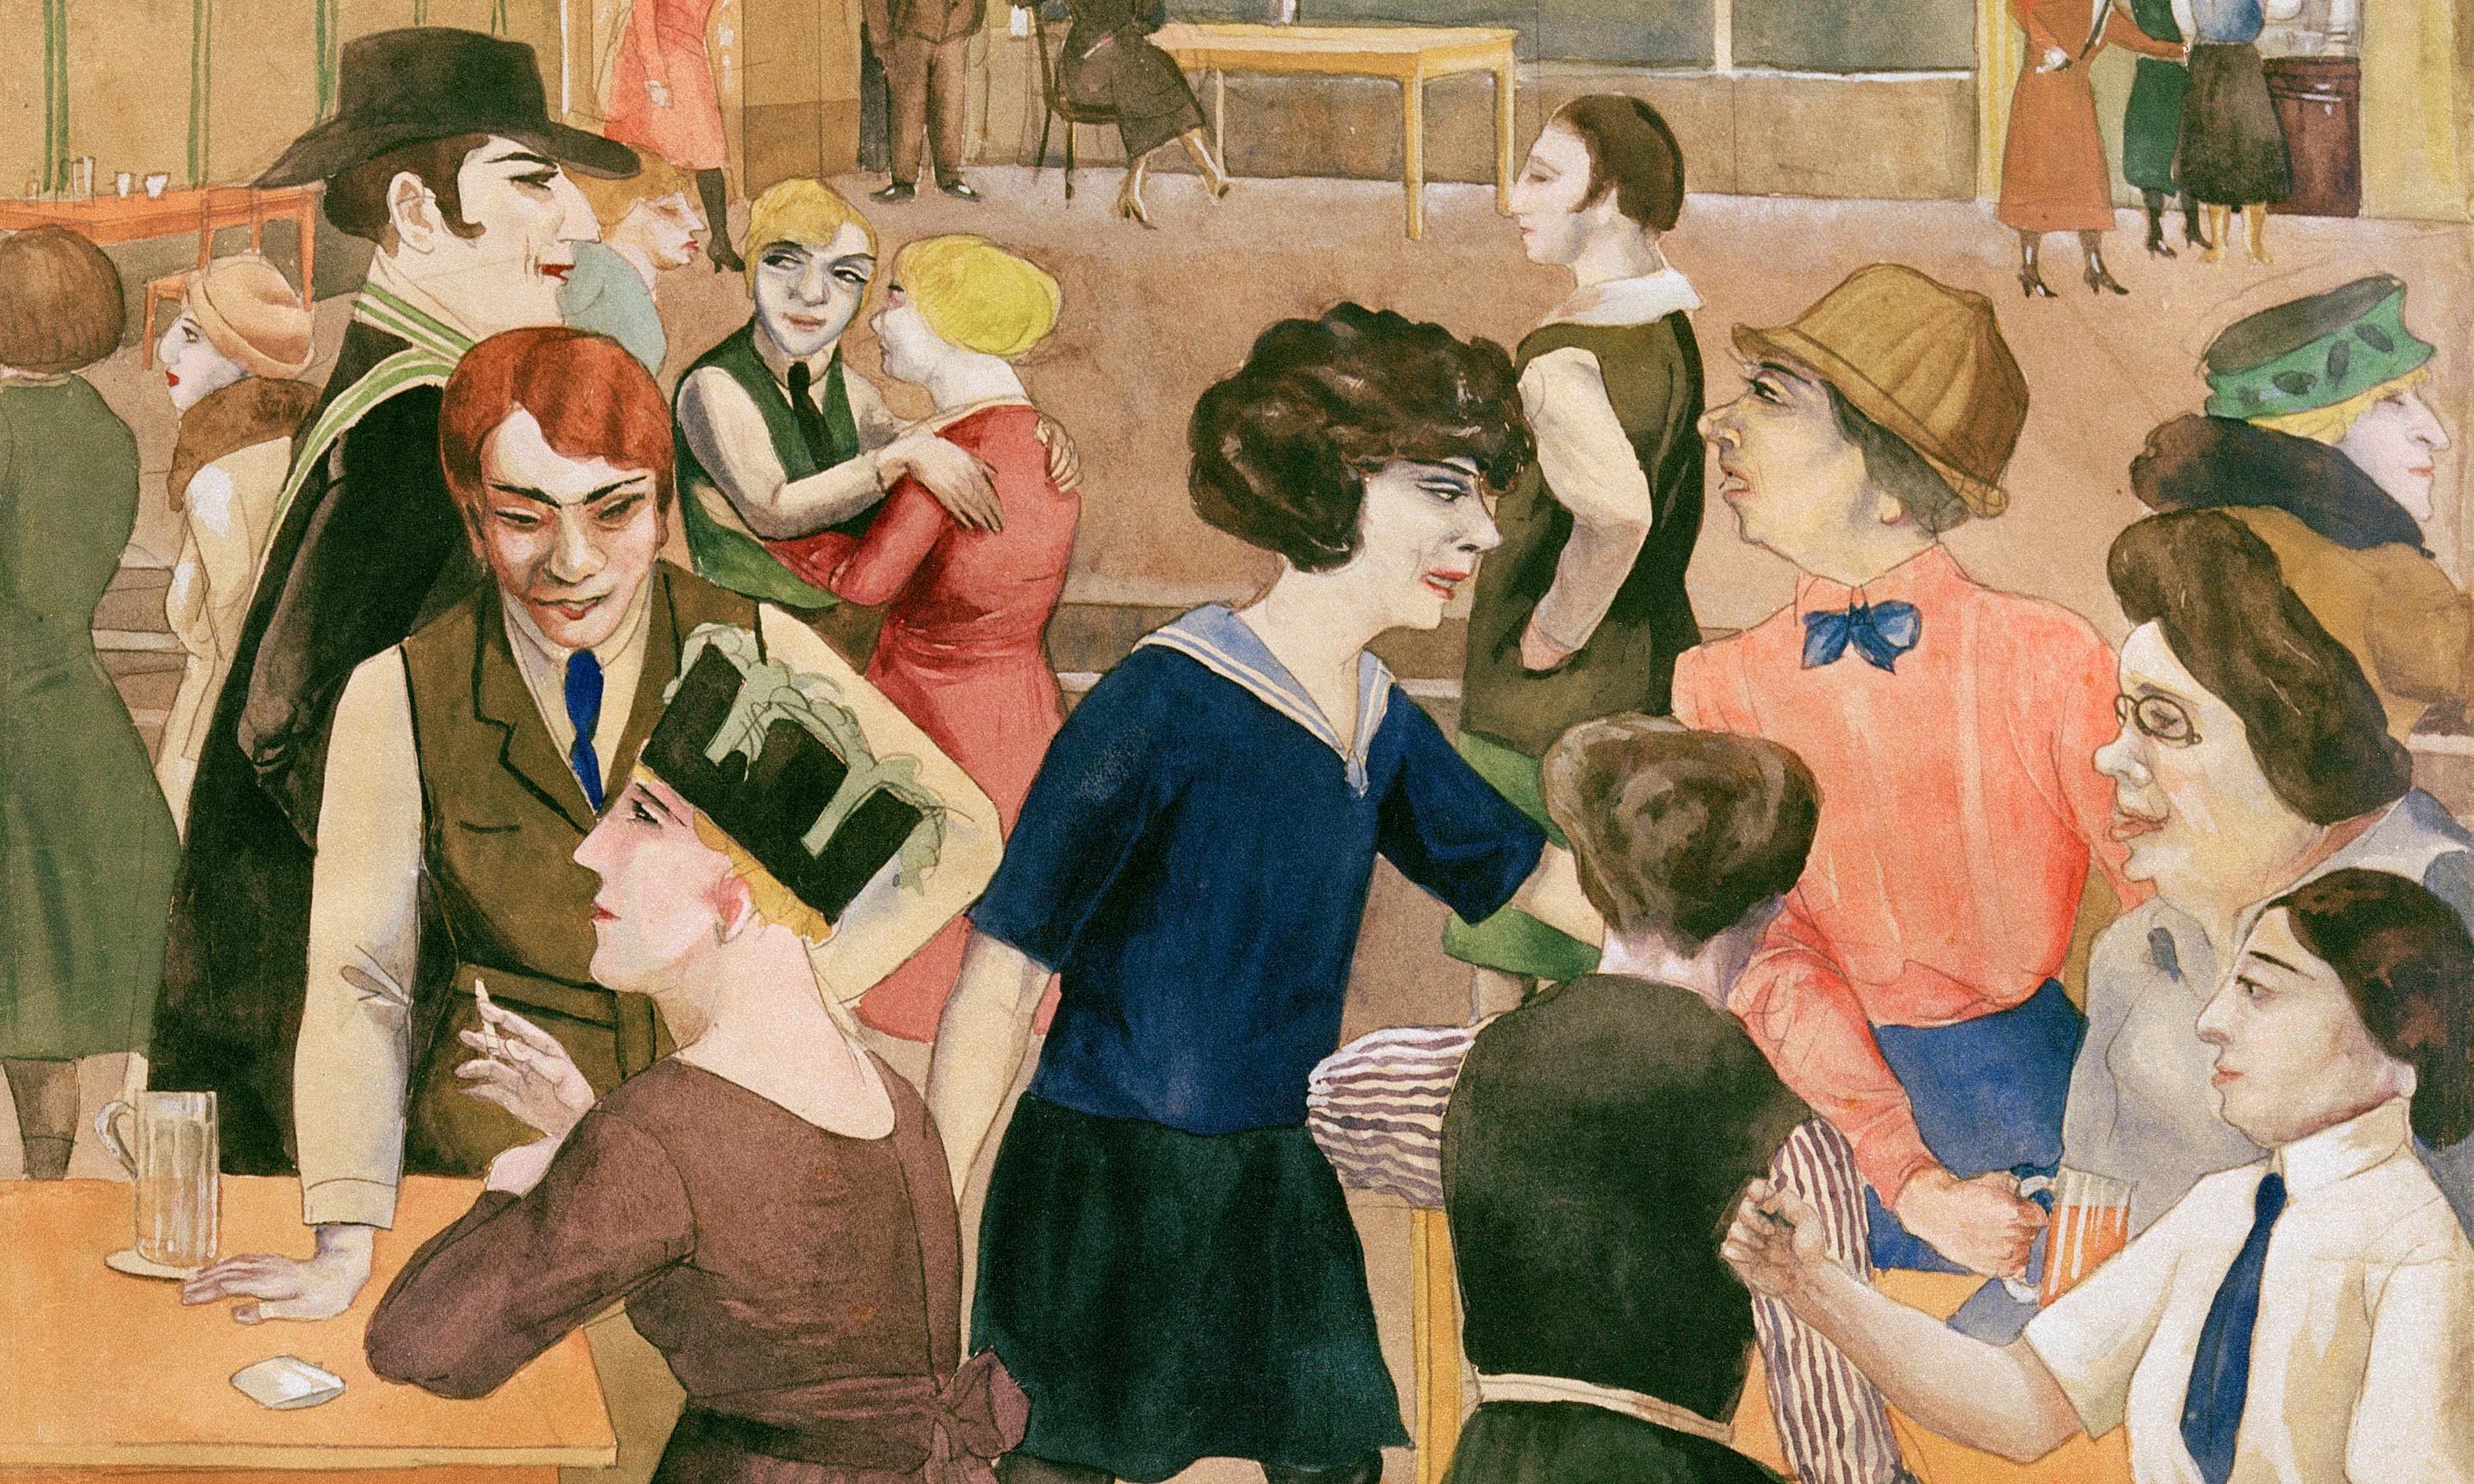 Rudolf Schlichter's Women's Club: decadence and satire